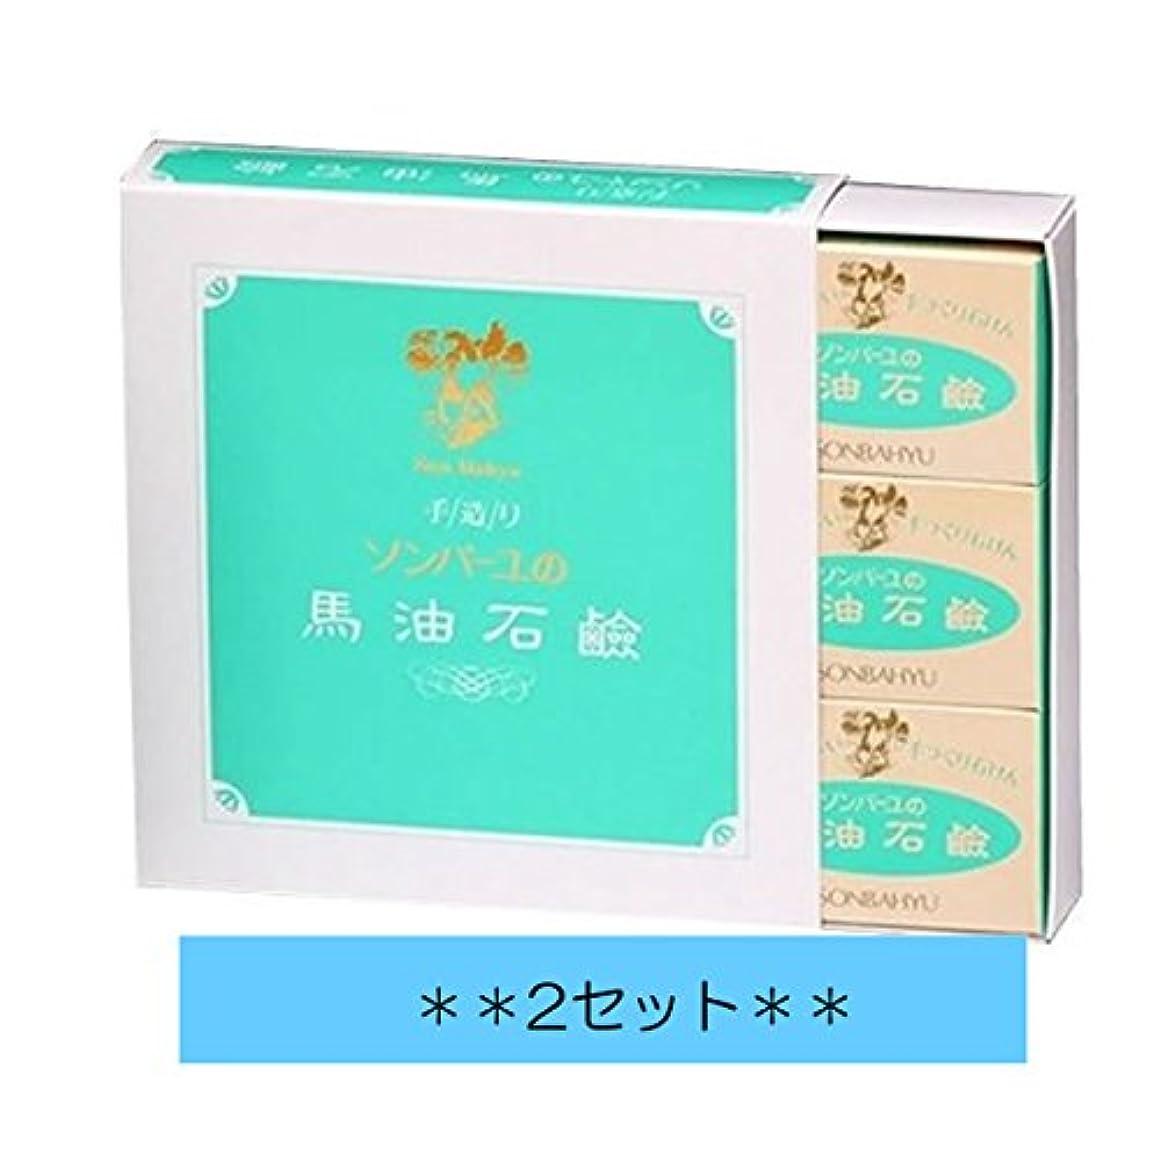 延期する連合泥沼【2箱セット】ソンバーユ石鹸 85g×6個